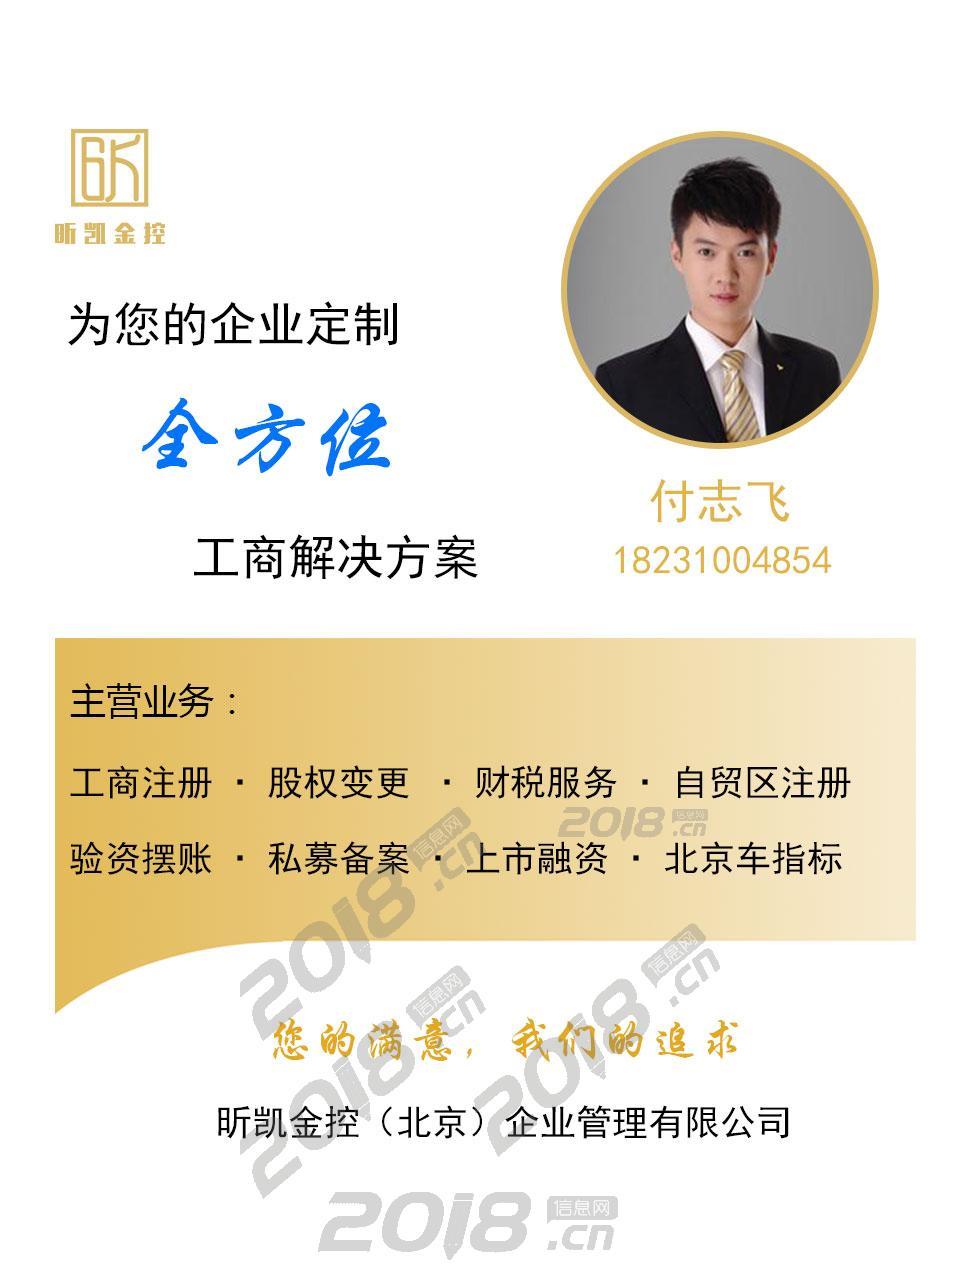 金融信息服务外包公司北京那个区可以注册